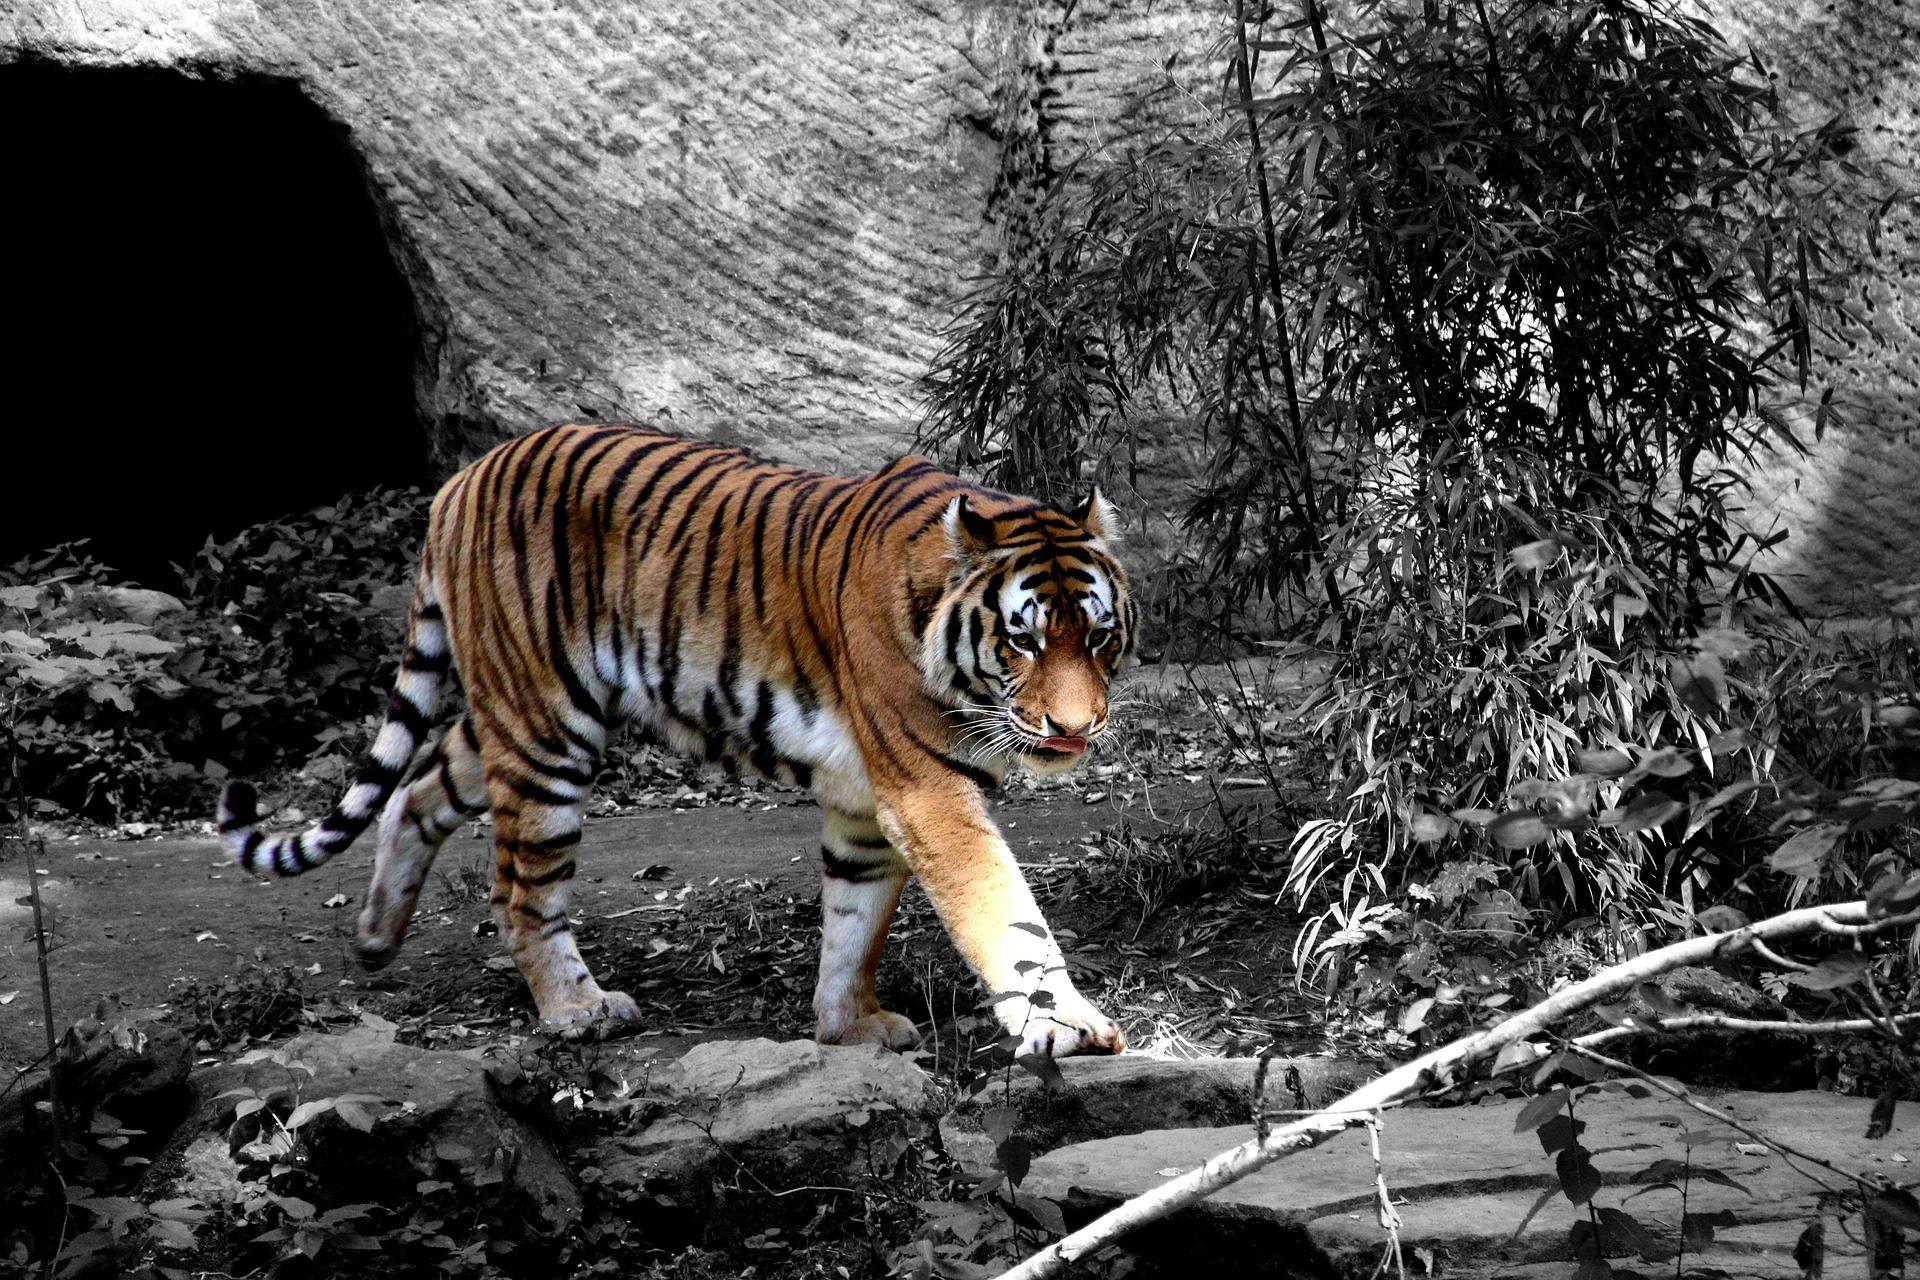 Тигр, кошачьи, Хищник, полосы, в черно-белом - Обои HD - Профессор falken.com